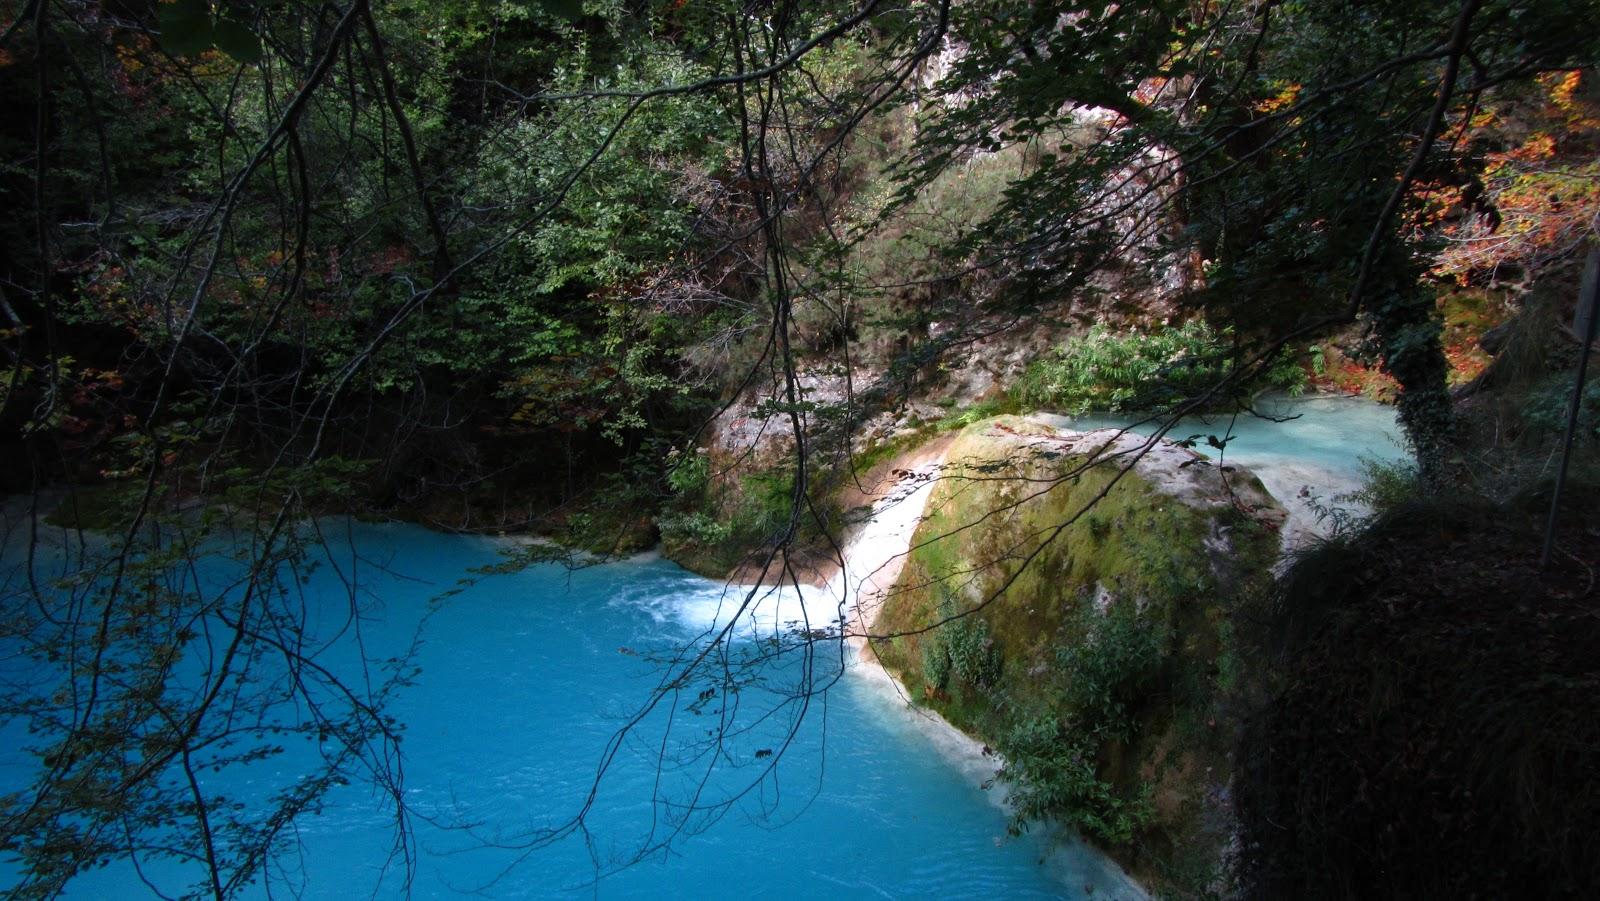 Turismo en Navarra, parque natural de urbasa